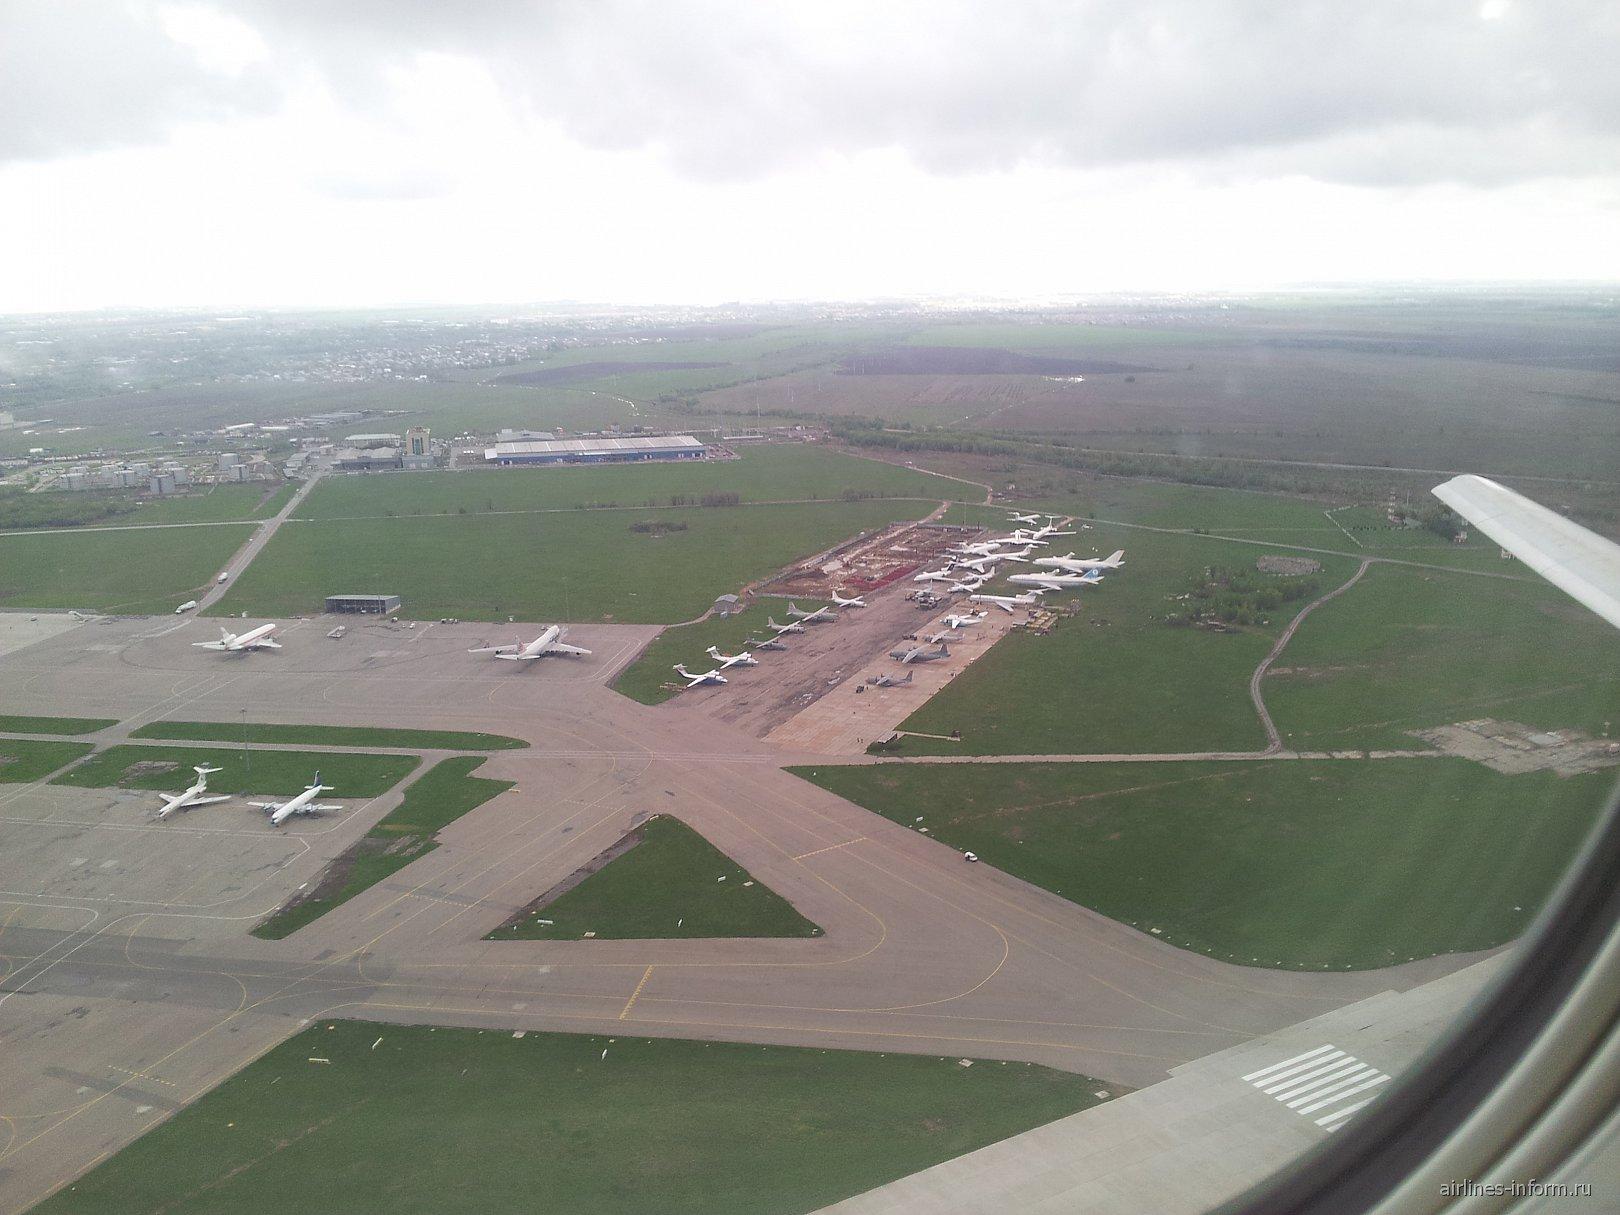 Взлет из аэропорта Алматы